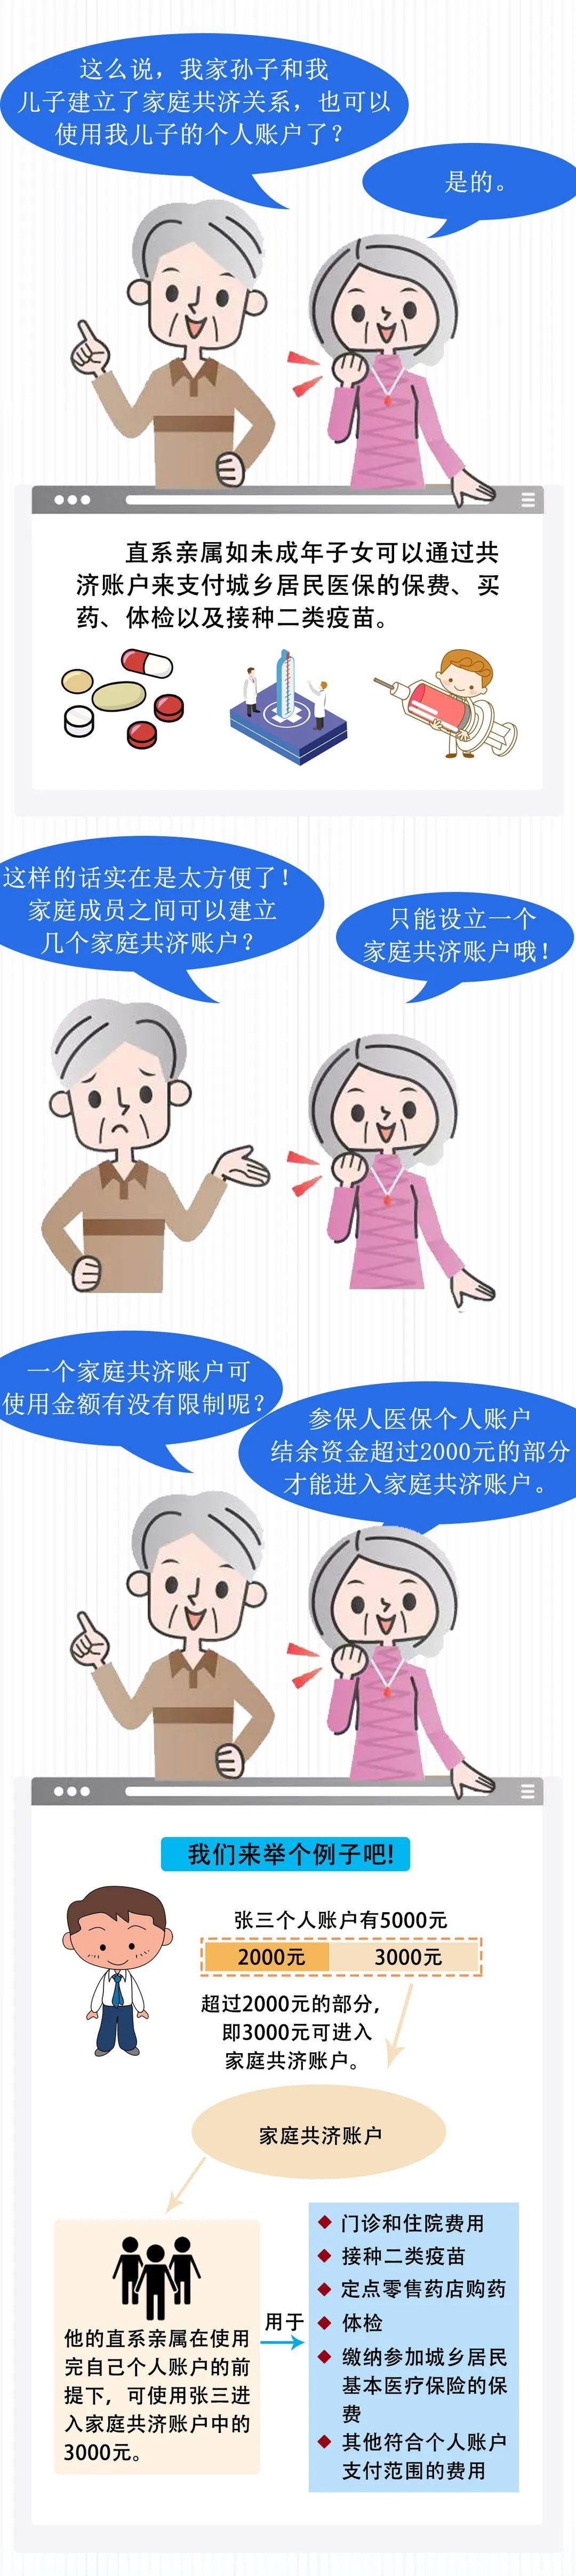 晋江人注意!7月1日起,福建将实行医保个人账户家庭共济!